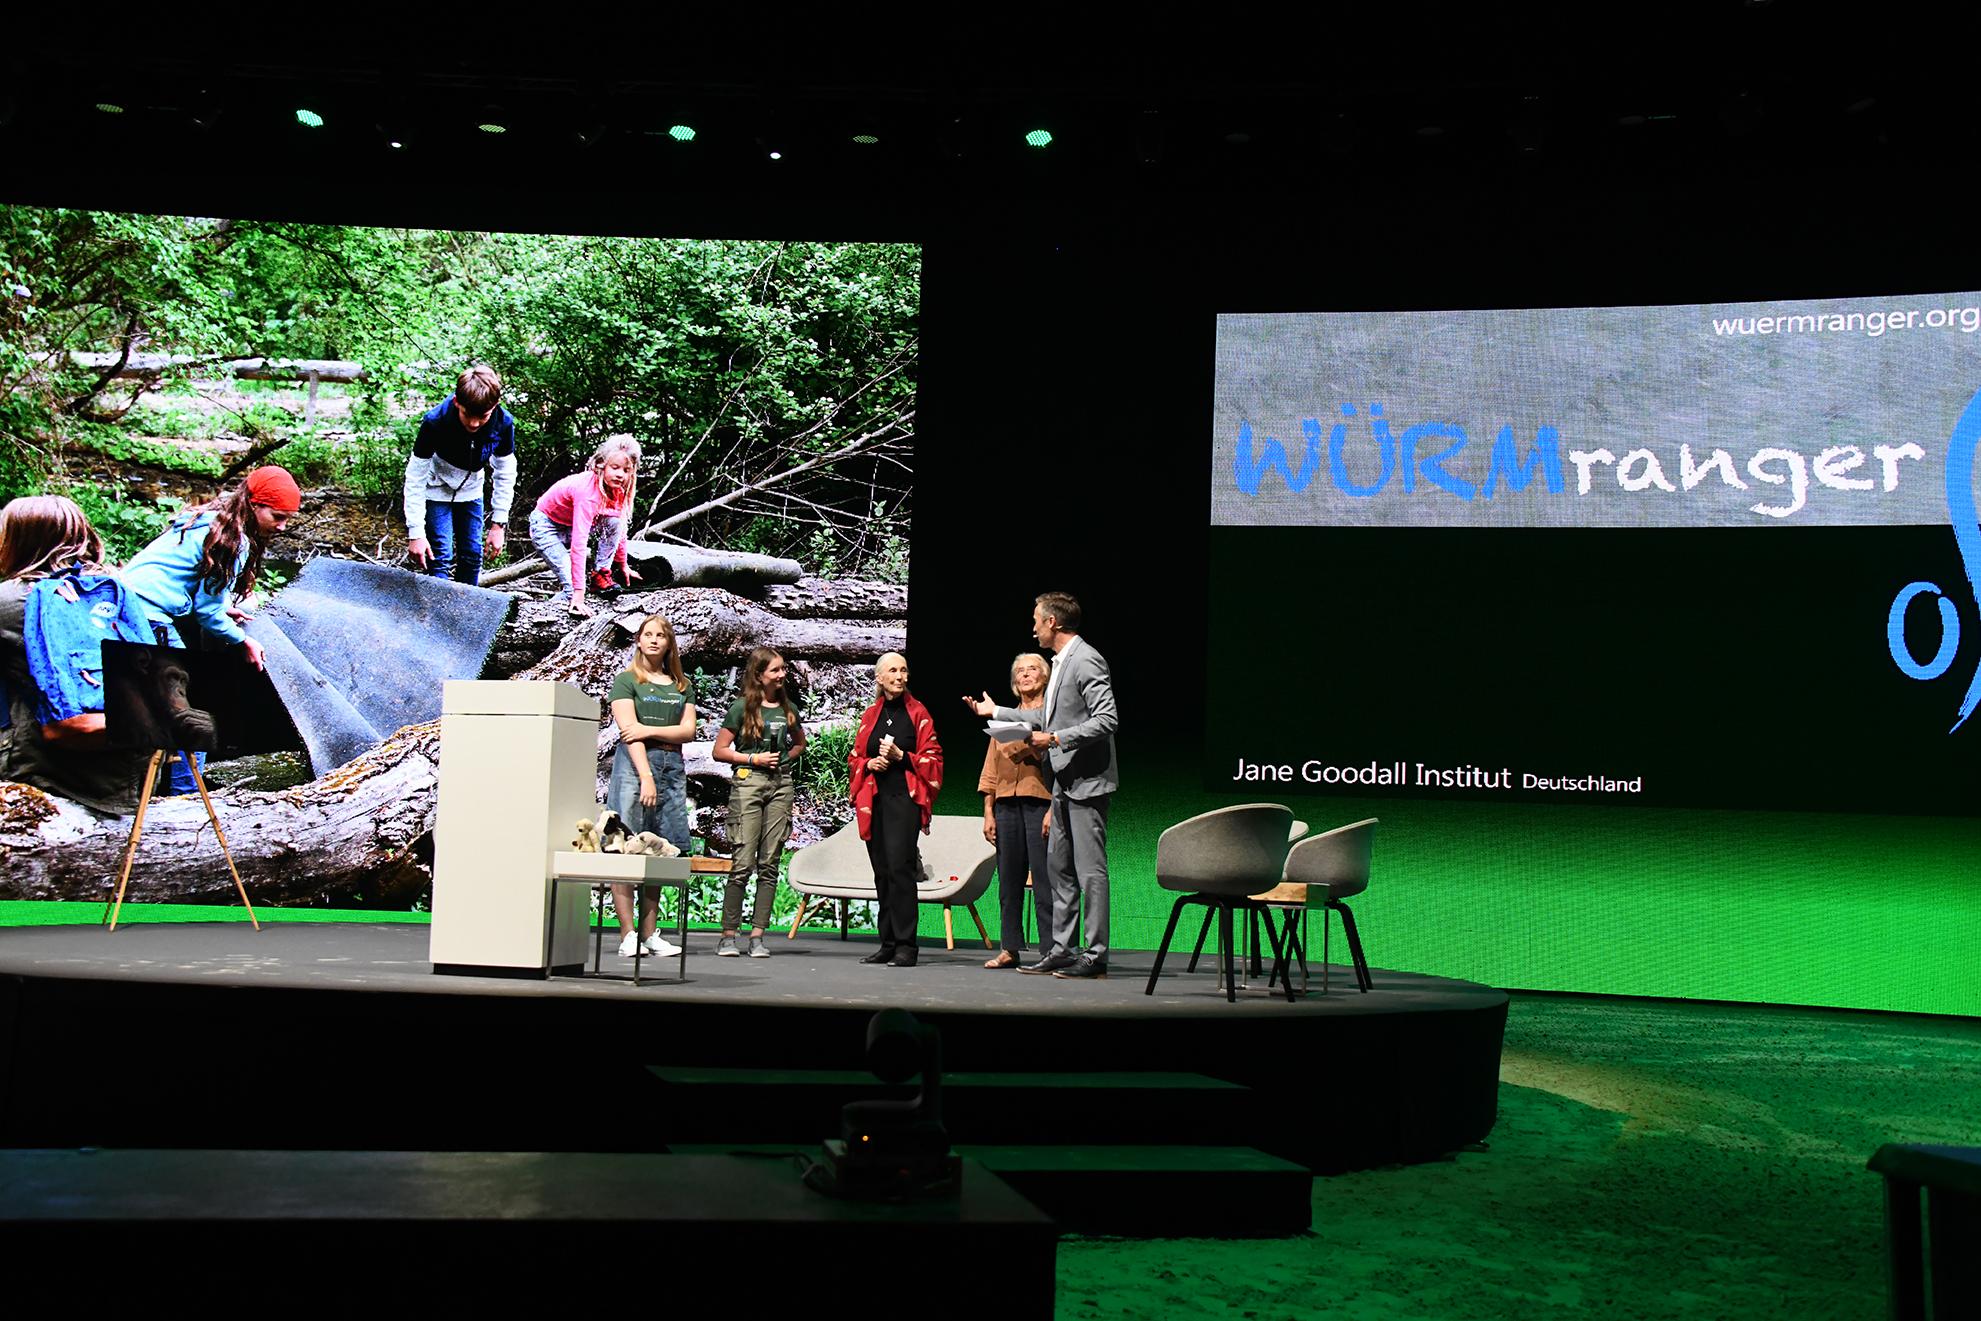 Schließlich berichten die Würmranger, die Roots&Shoots-Gruppe München West von ihren Aktivitäten - im Hintergrund Bilder davon